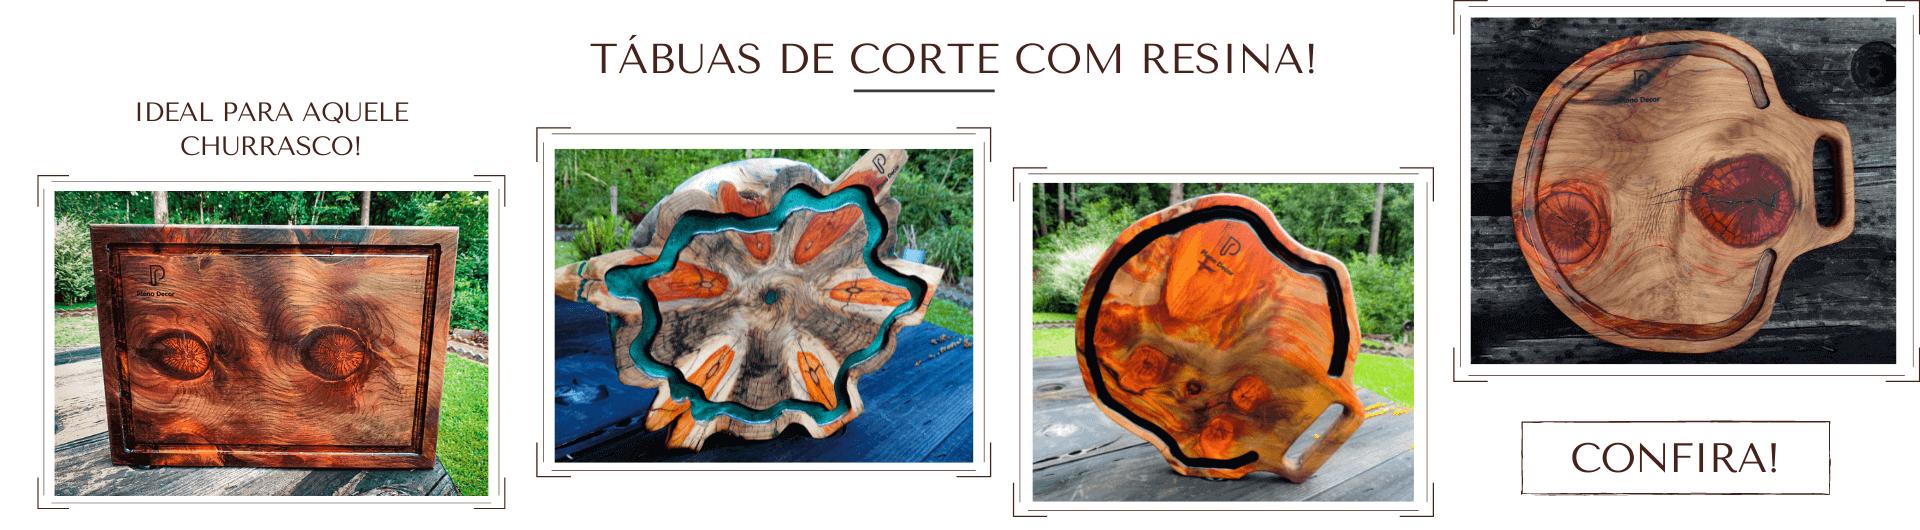 TÁBUAS DE CORTE